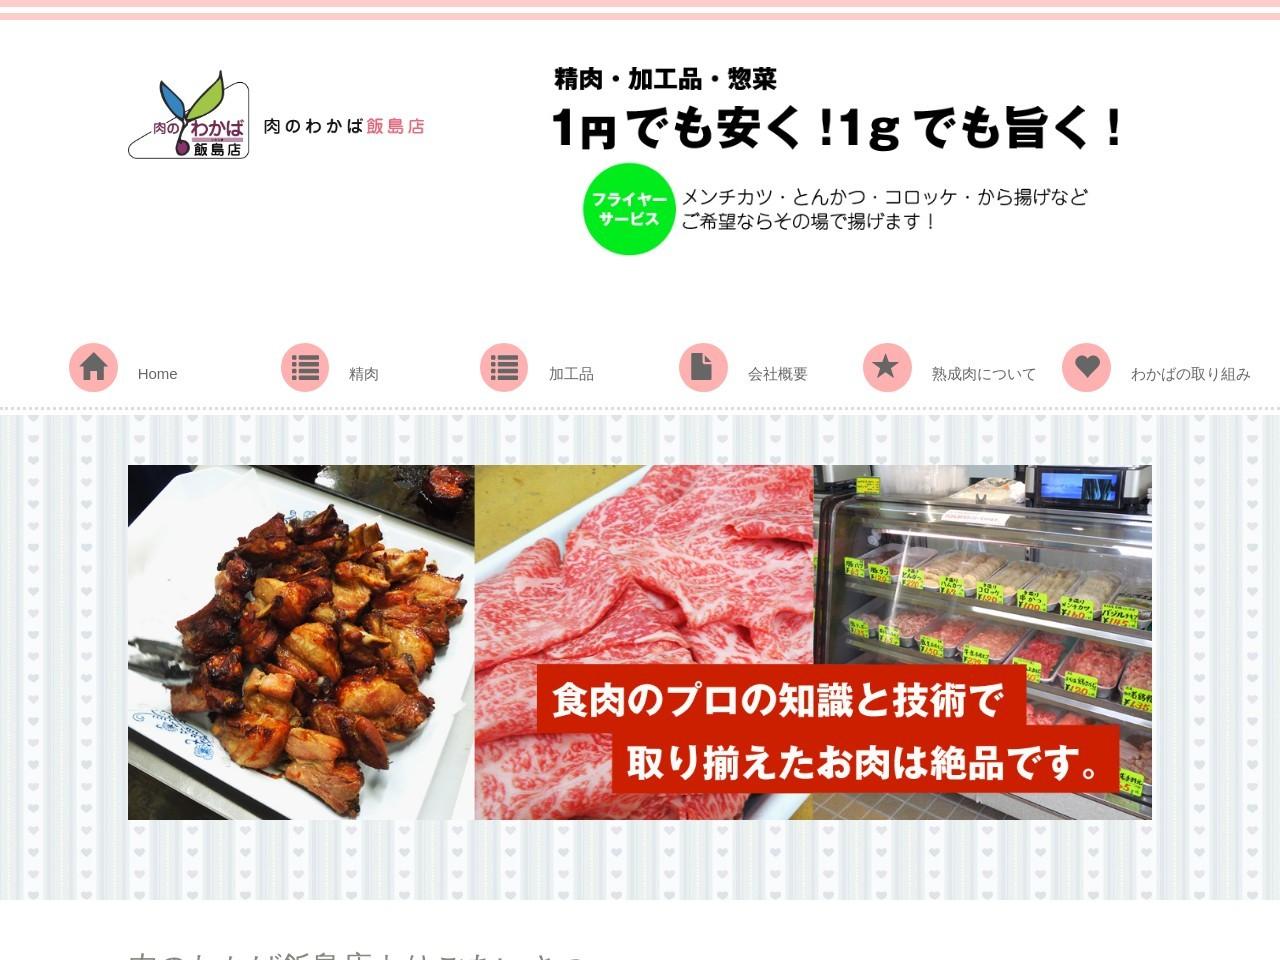 肉のわかば飯島店